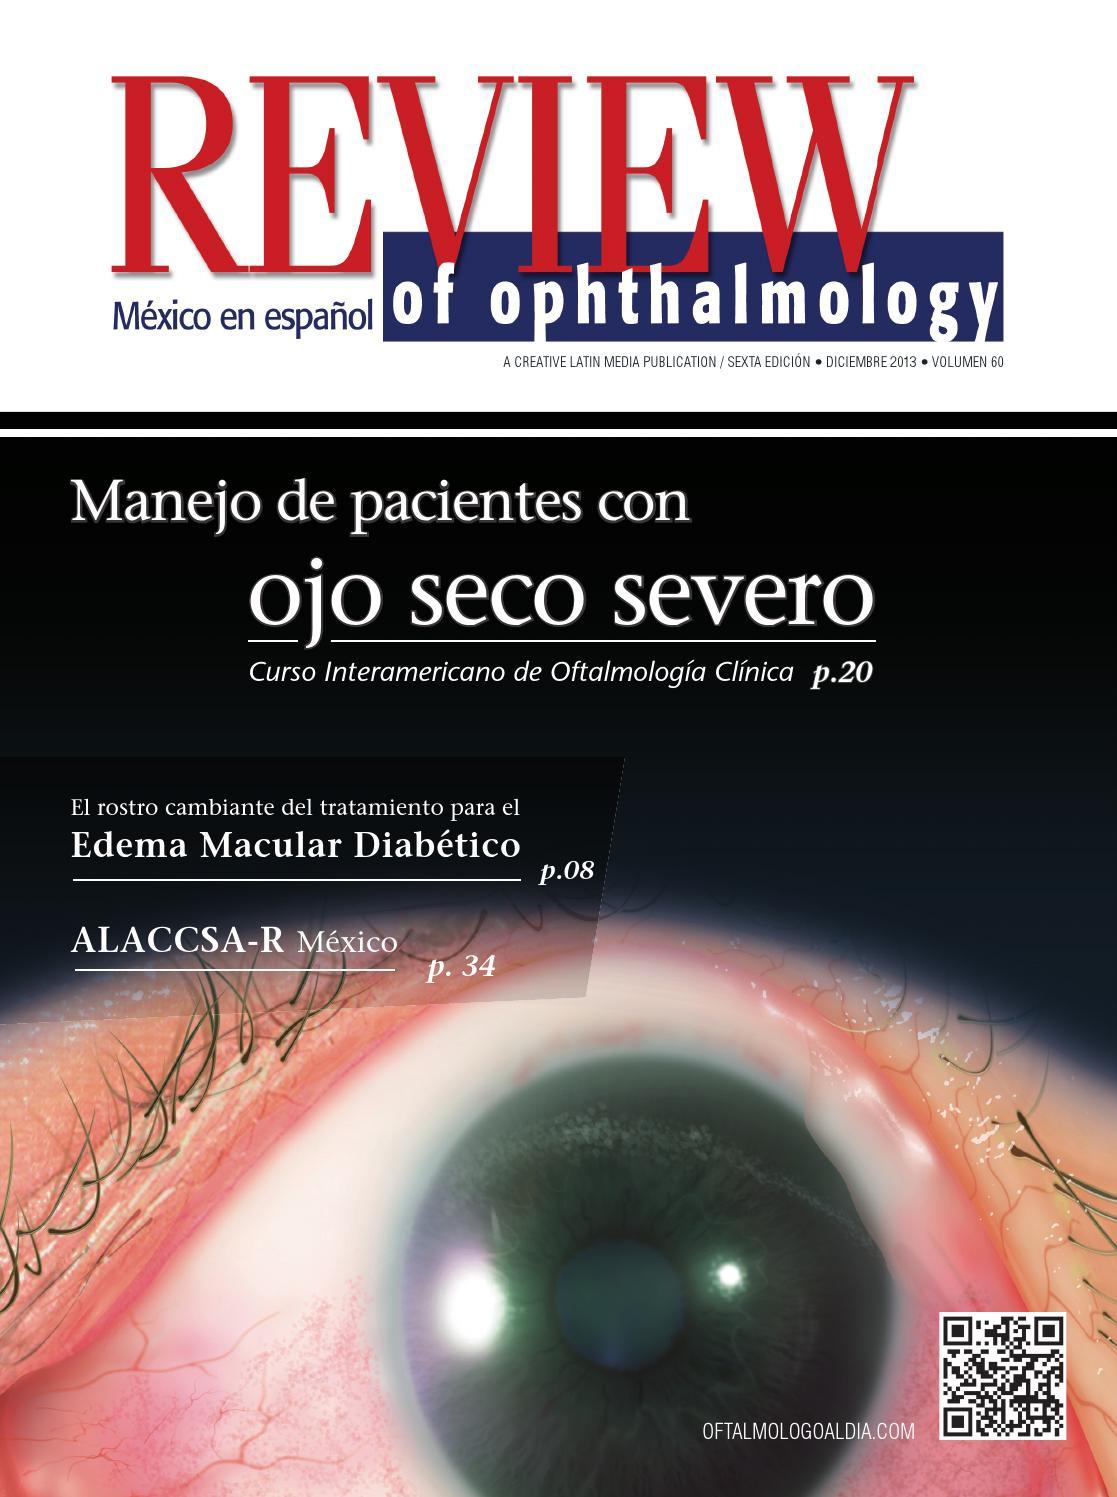 microaneurismas retinianos en un paciente con diabetes se asemejan a medios